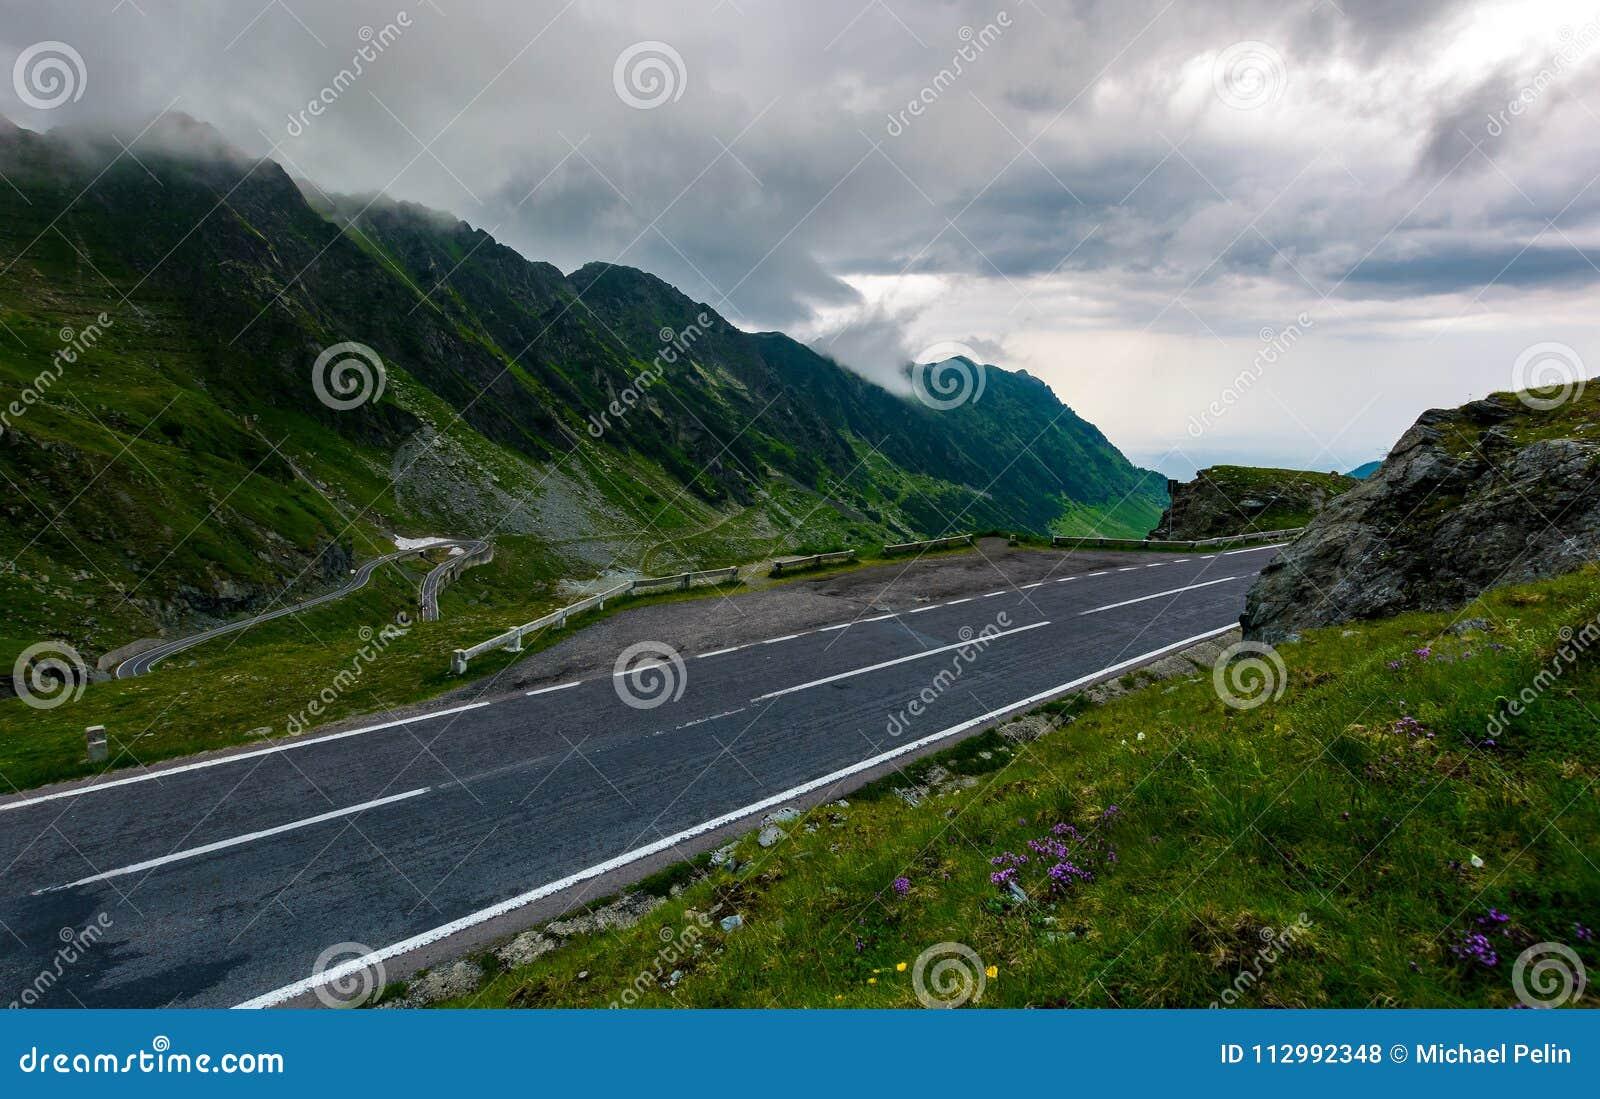 Transfagarasan road on a rainy day